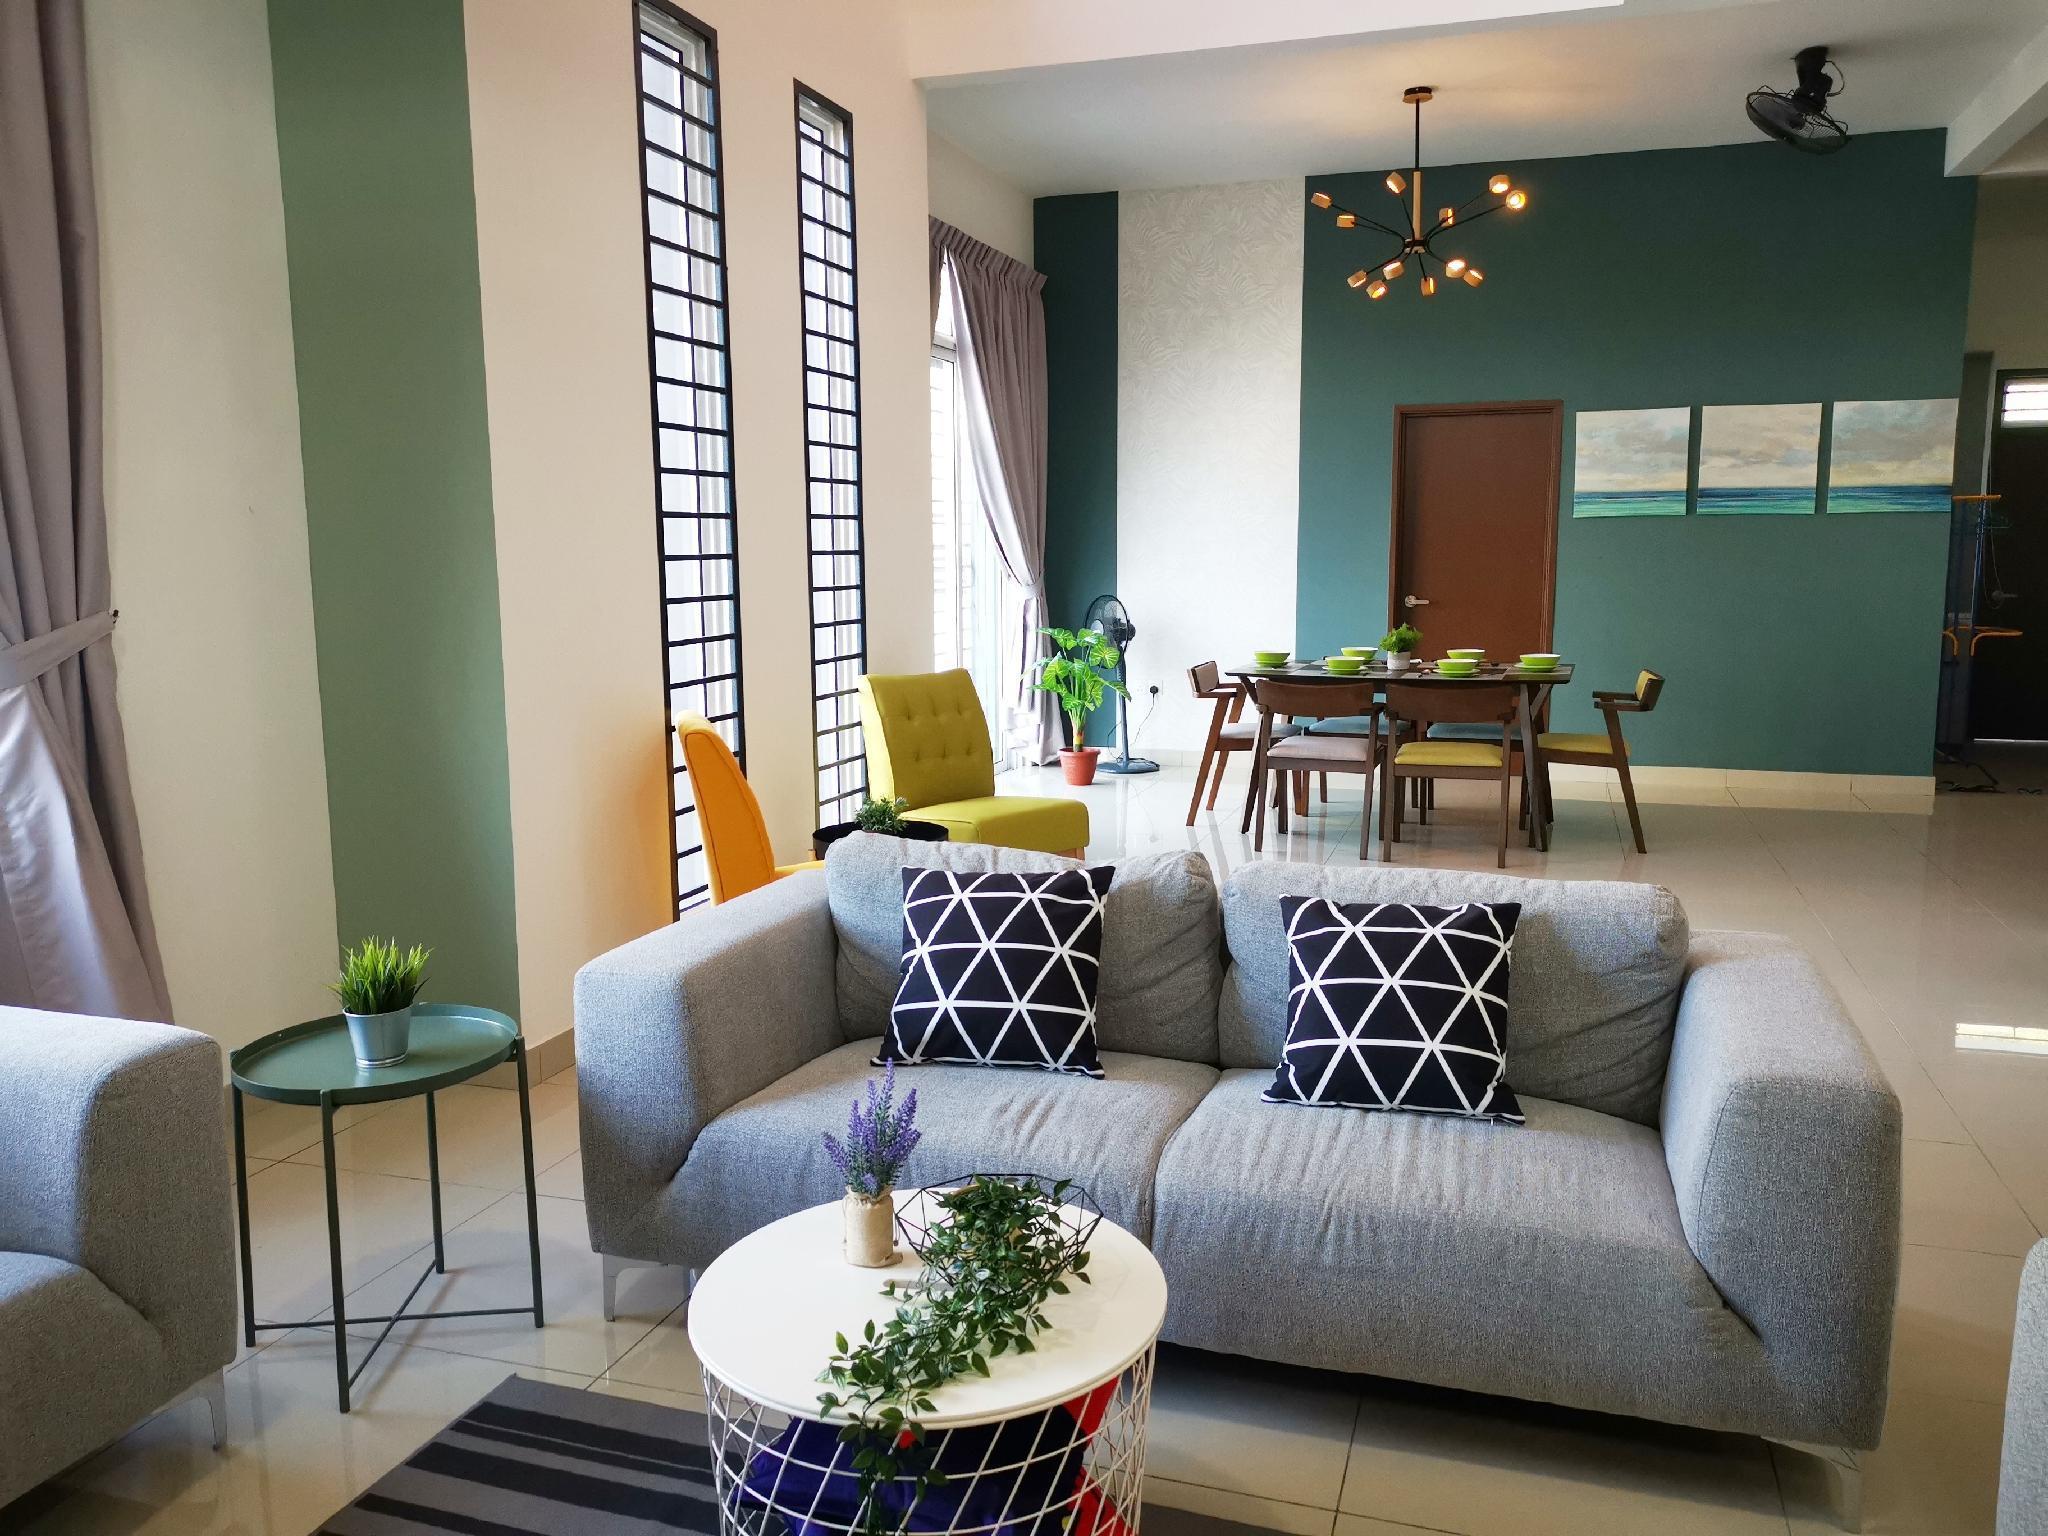 4 Bedroom Villa near Desaru Coast * Arcadia No.28